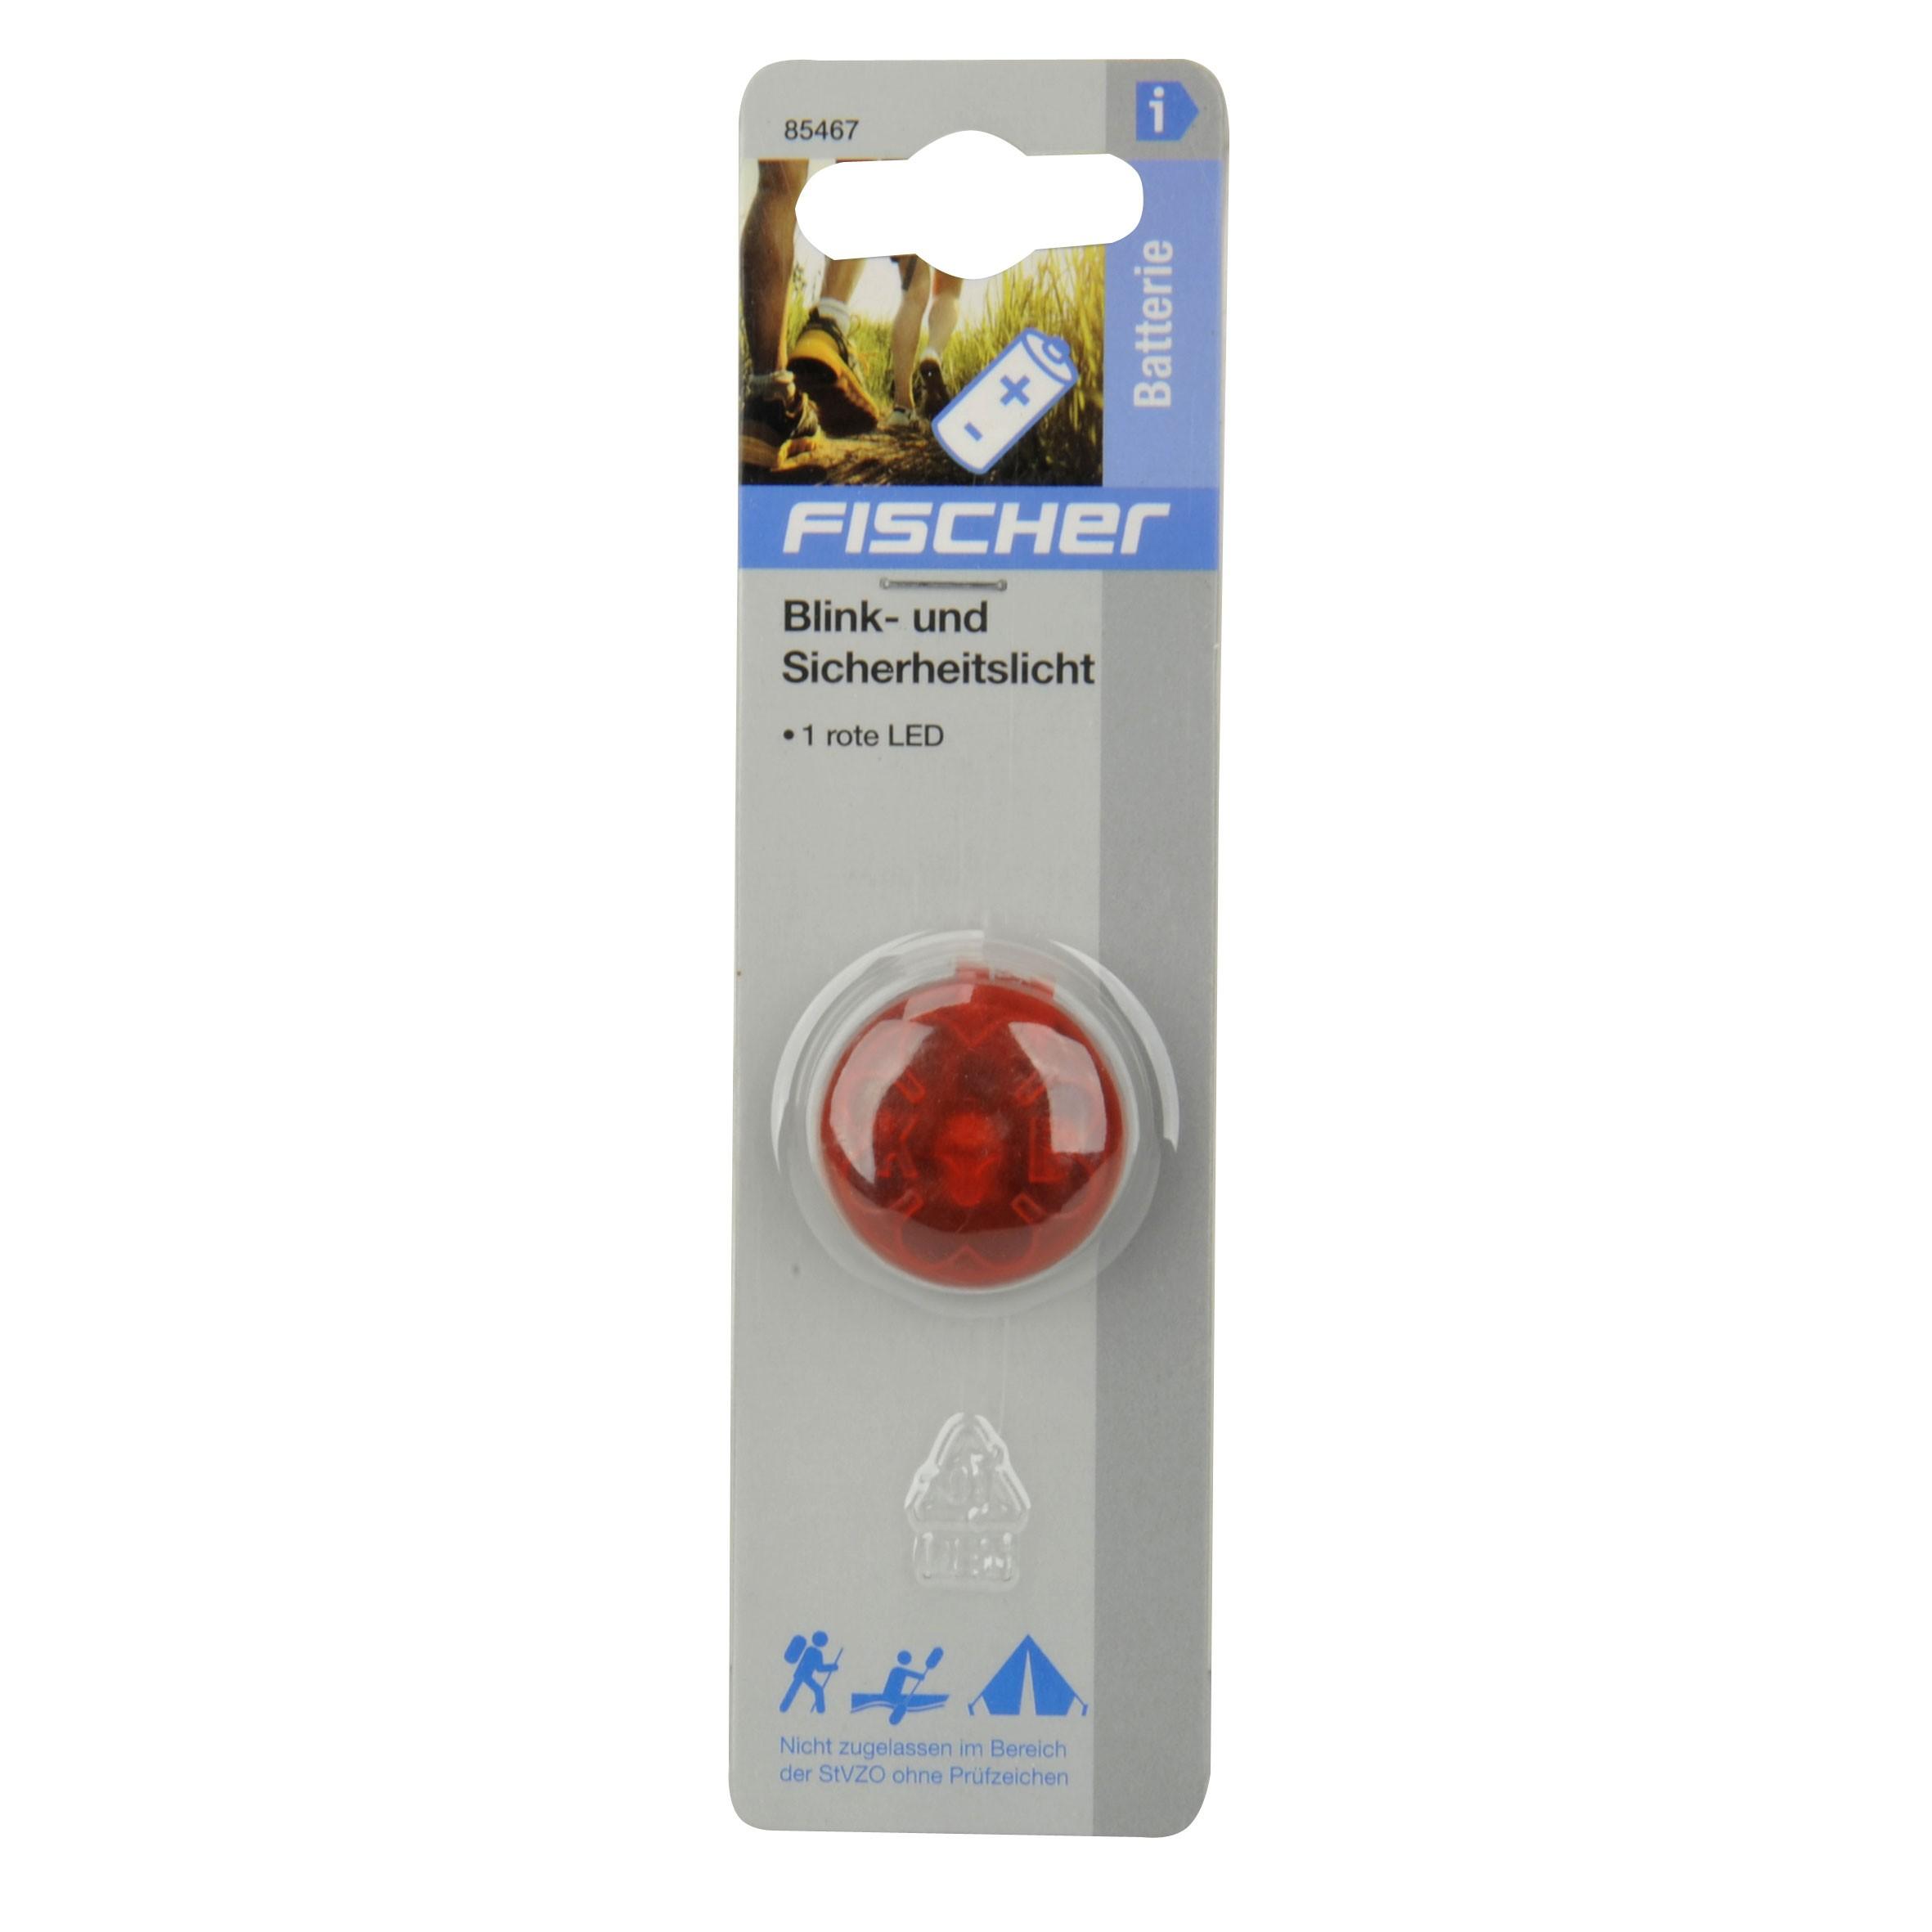 Fischer LED Blink- und Sicherheitslicht Bild 2